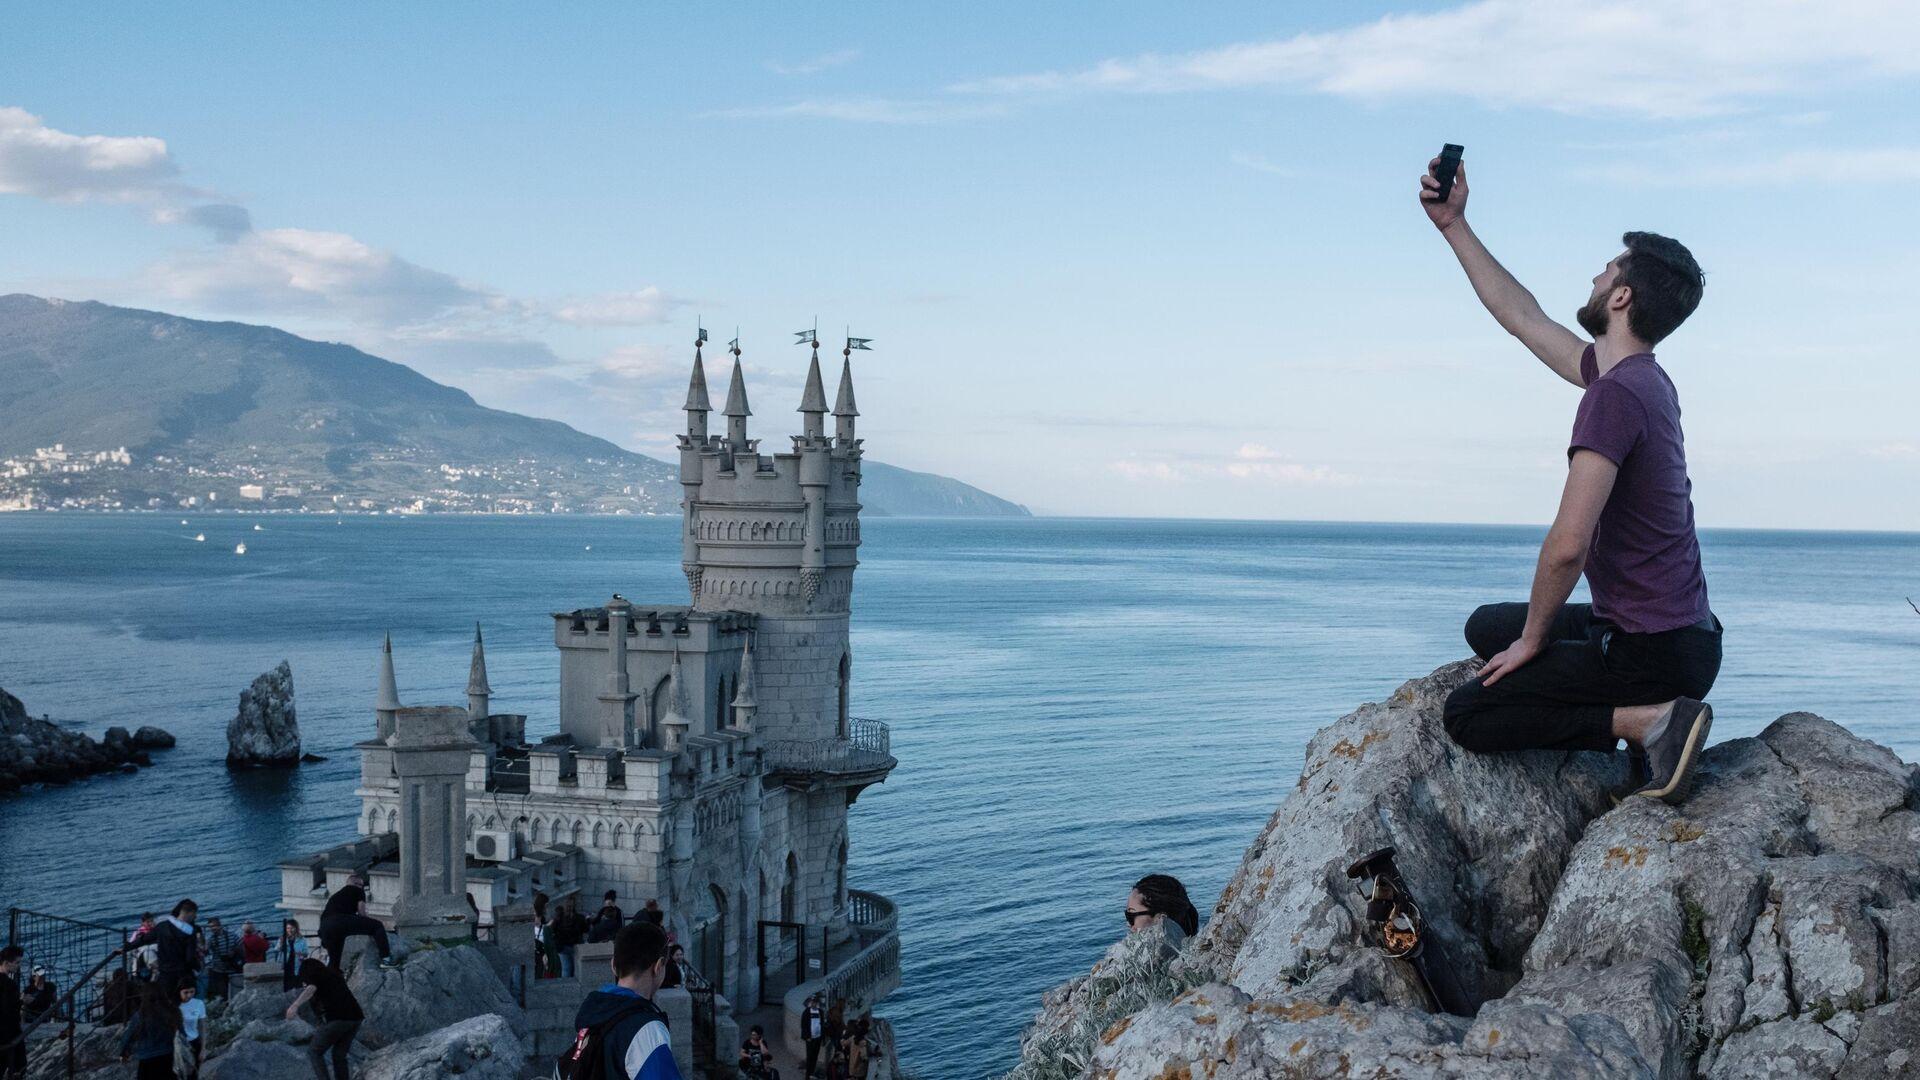 Береговая скала рядом с замком Ласточкино гнездо в поселке Гаспра в Крыму - РИА Новости, 1920, 05.09.2021